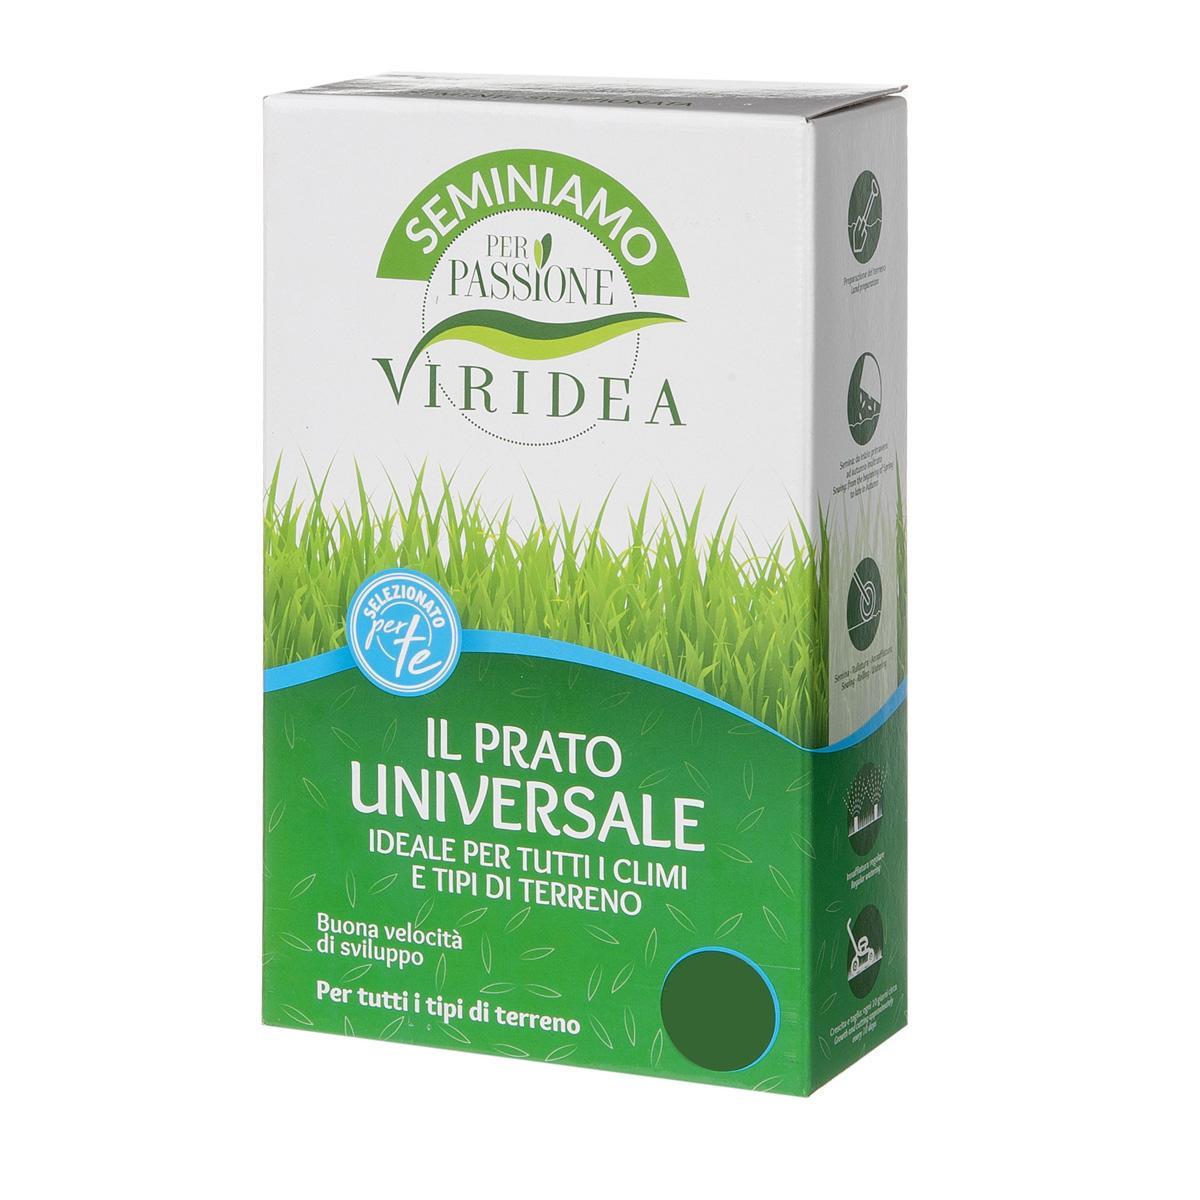 Prato Universale Viridea